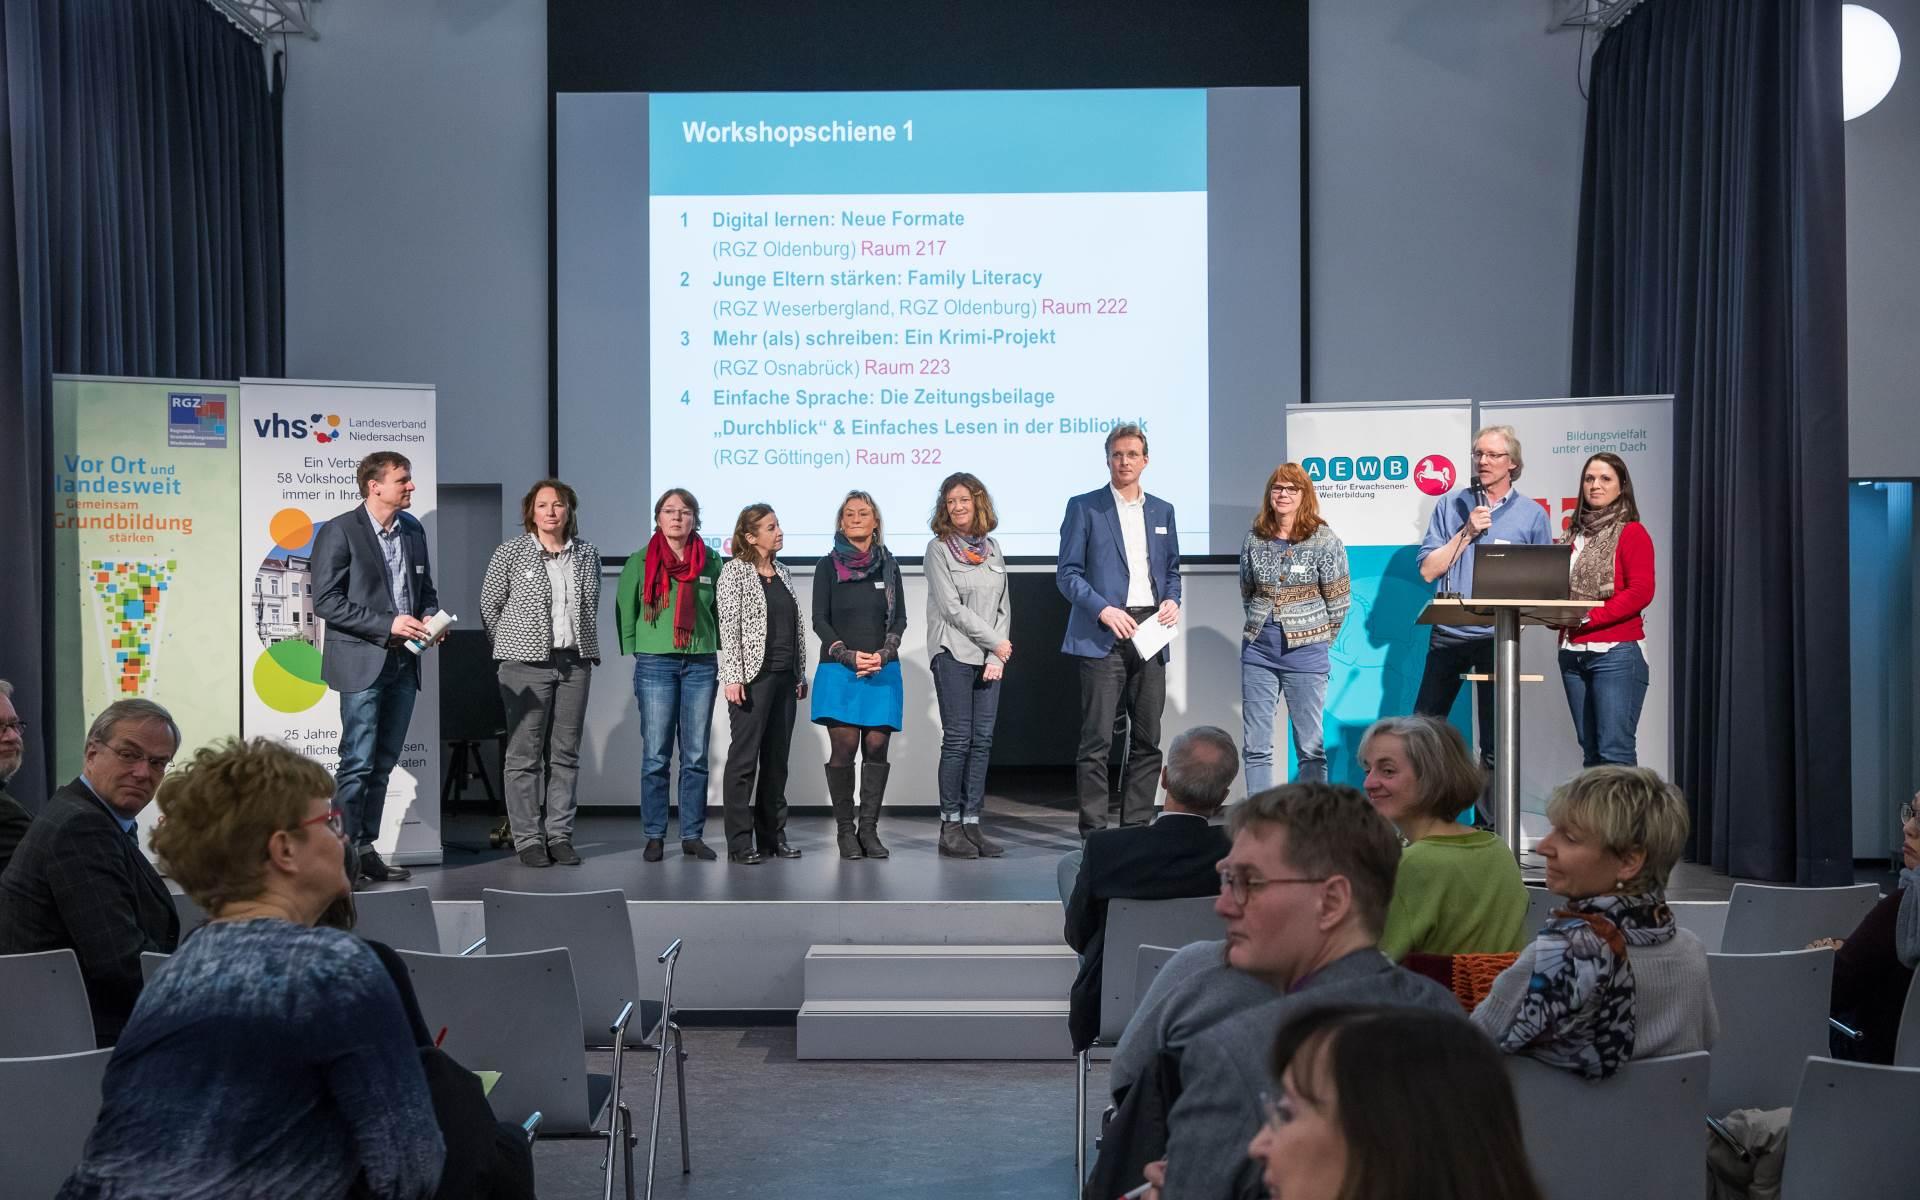 Die acht RGZ-Vertreter bei der Präsentation auf der Bühne | Foto: Axel Herzig